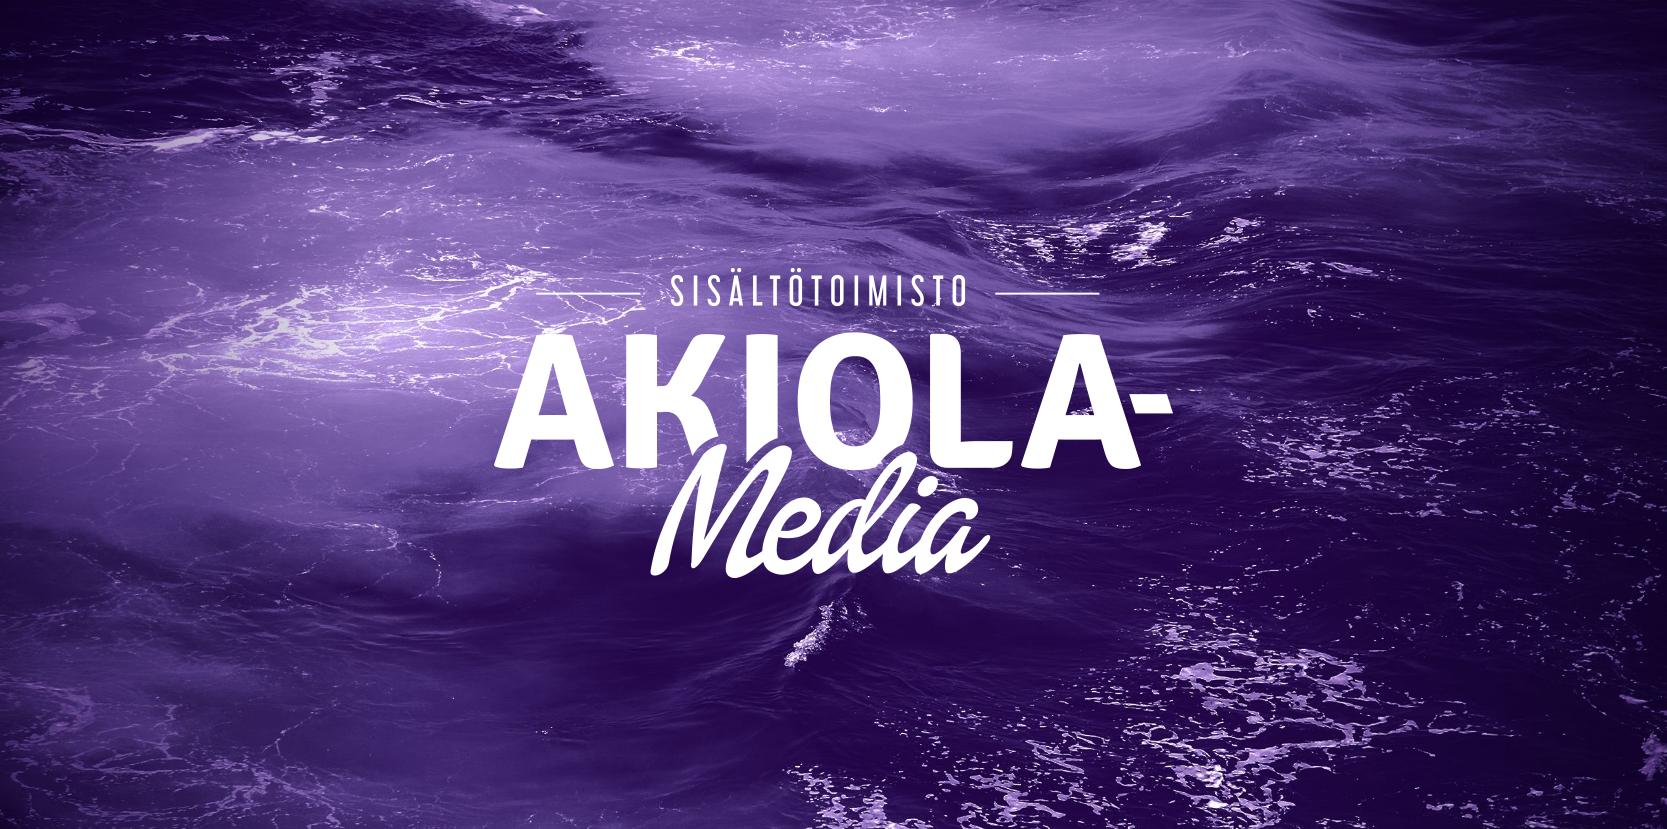 Akiola-Media Oy